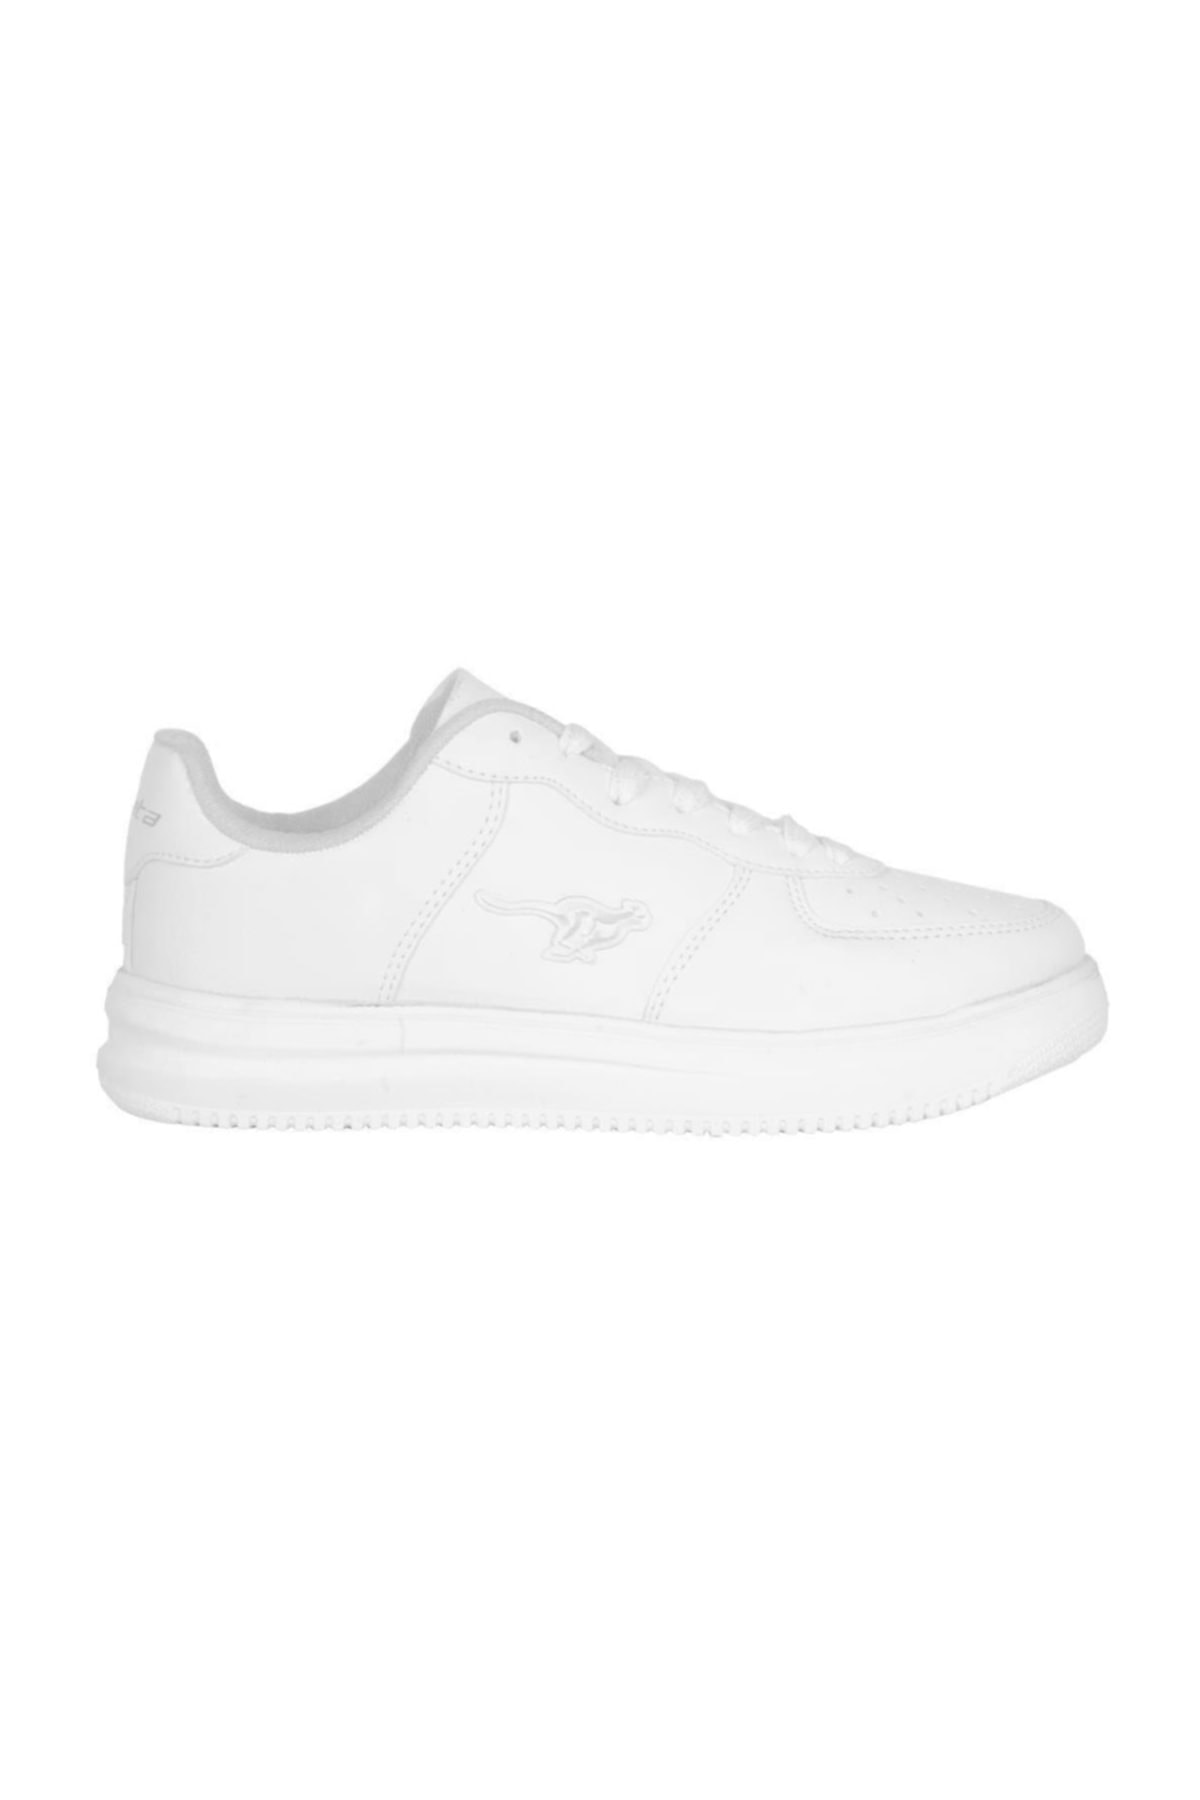 Cheta C042 Beyaz Günlük Yürüyüş Spor Ayakkabı 1